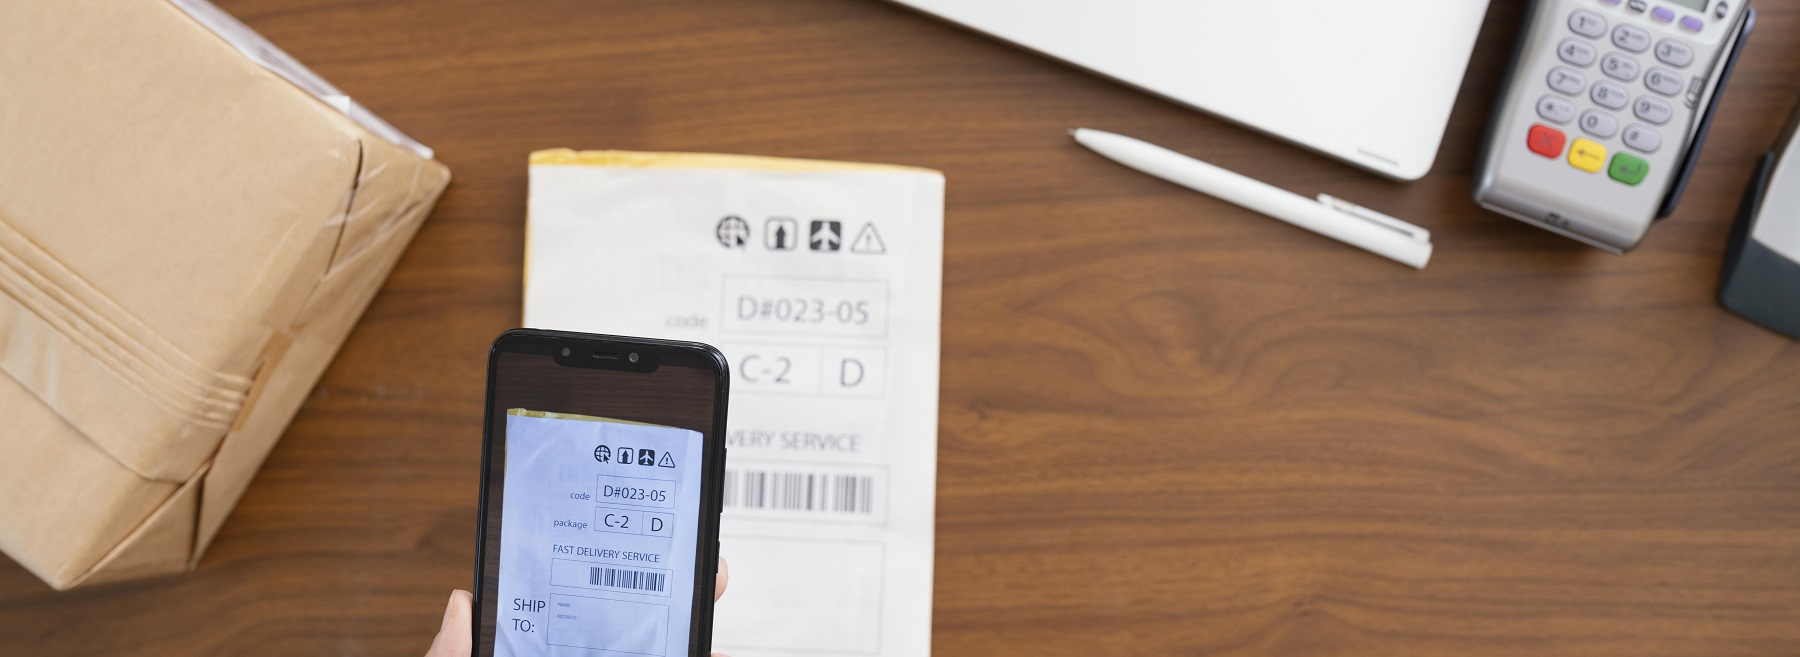 Télephone information entreprise  Les offres de livraison Colissimo durant la pandémie